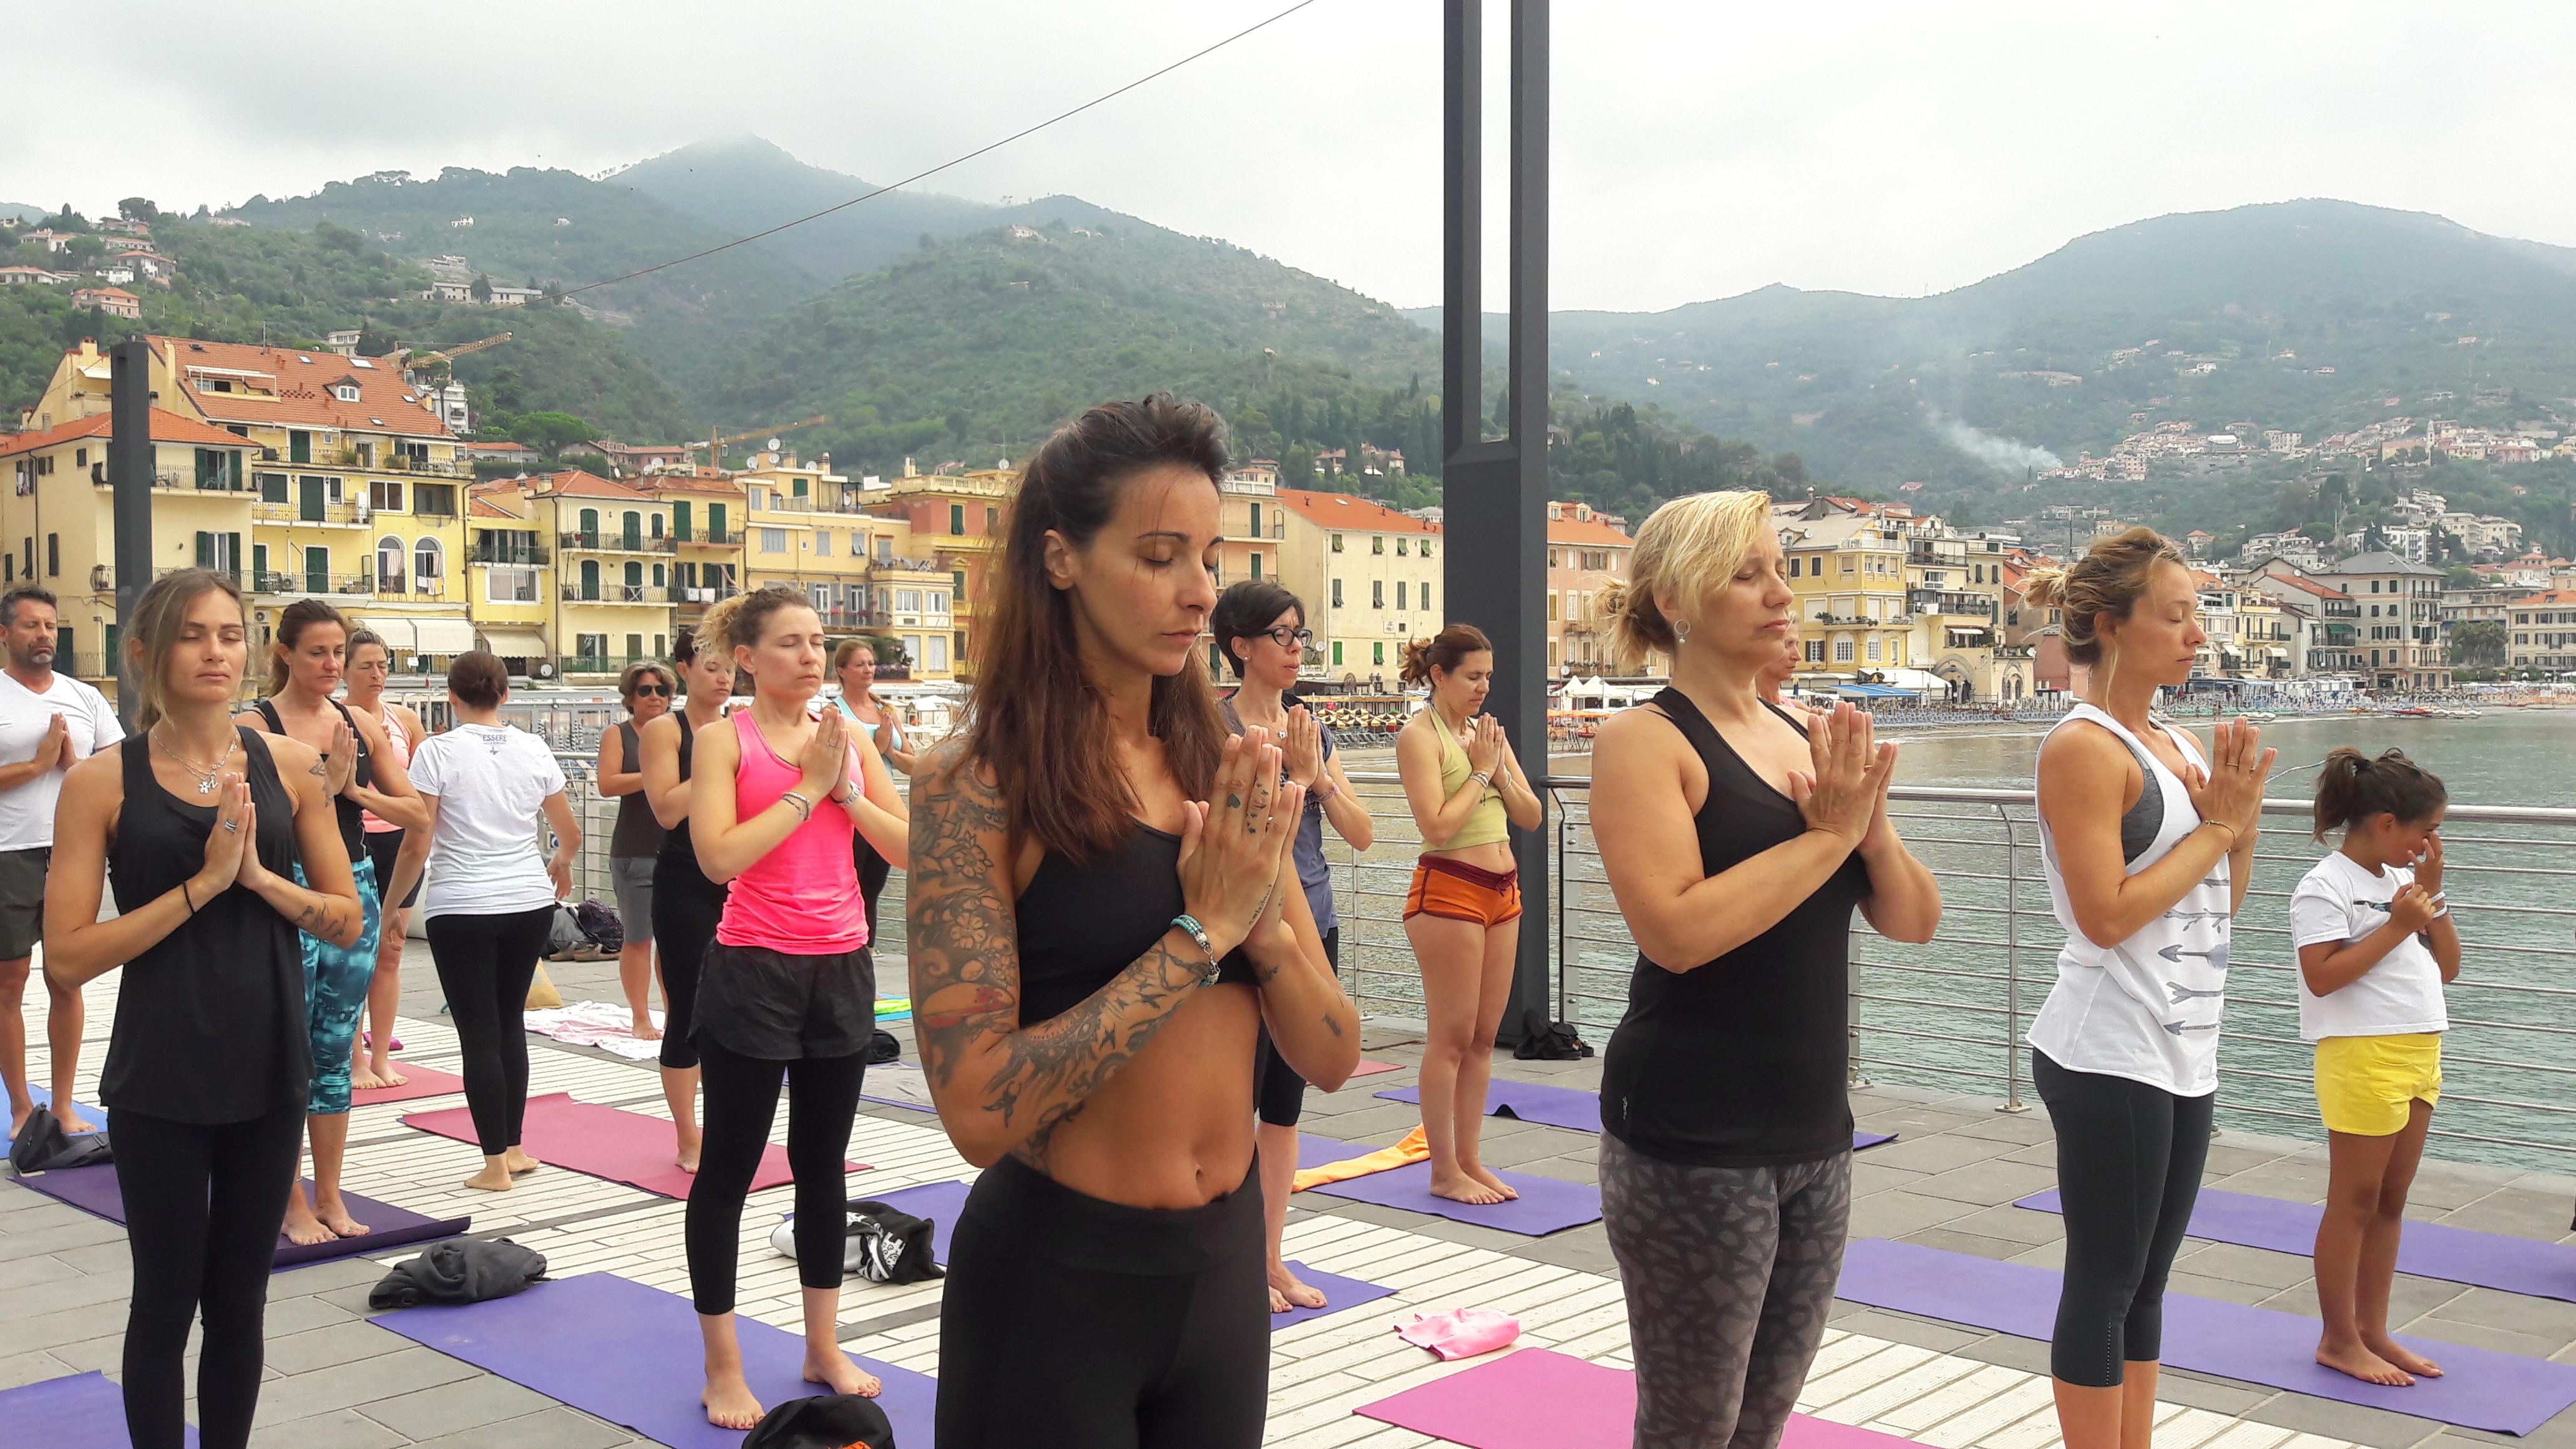 essere-free-yoga-gratuito-benessere-per-tutti-village-citta-alassio-estate-lucia-ragazzi-summer-town-wellness-063